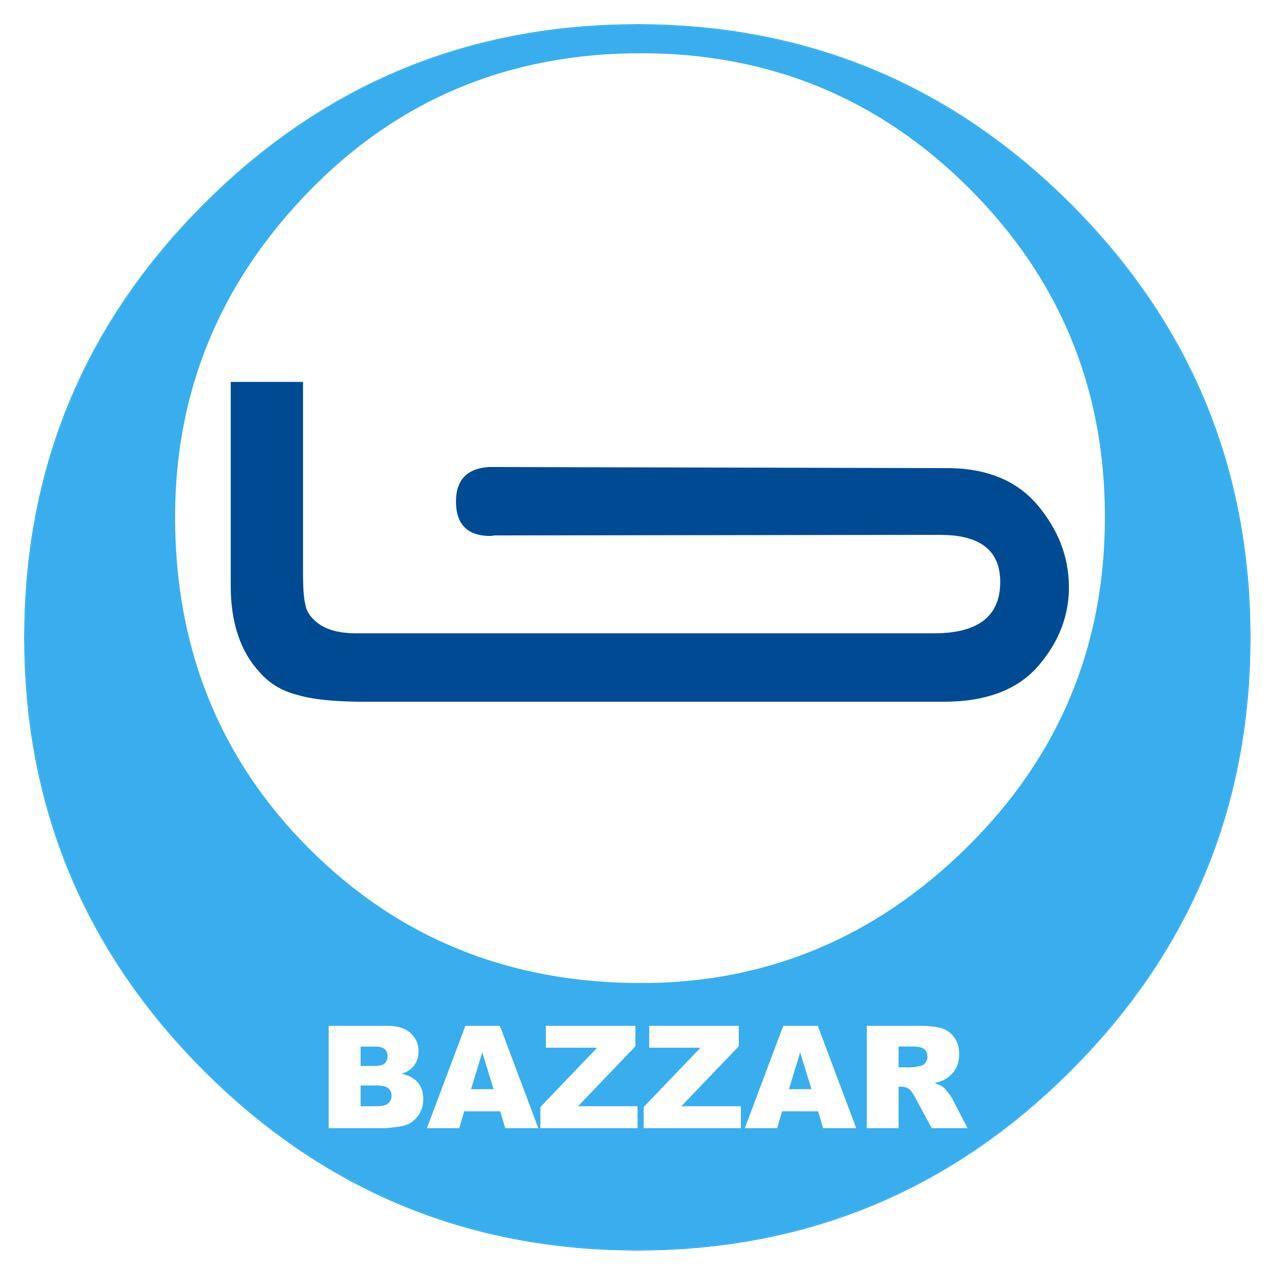 Bazzar Digital